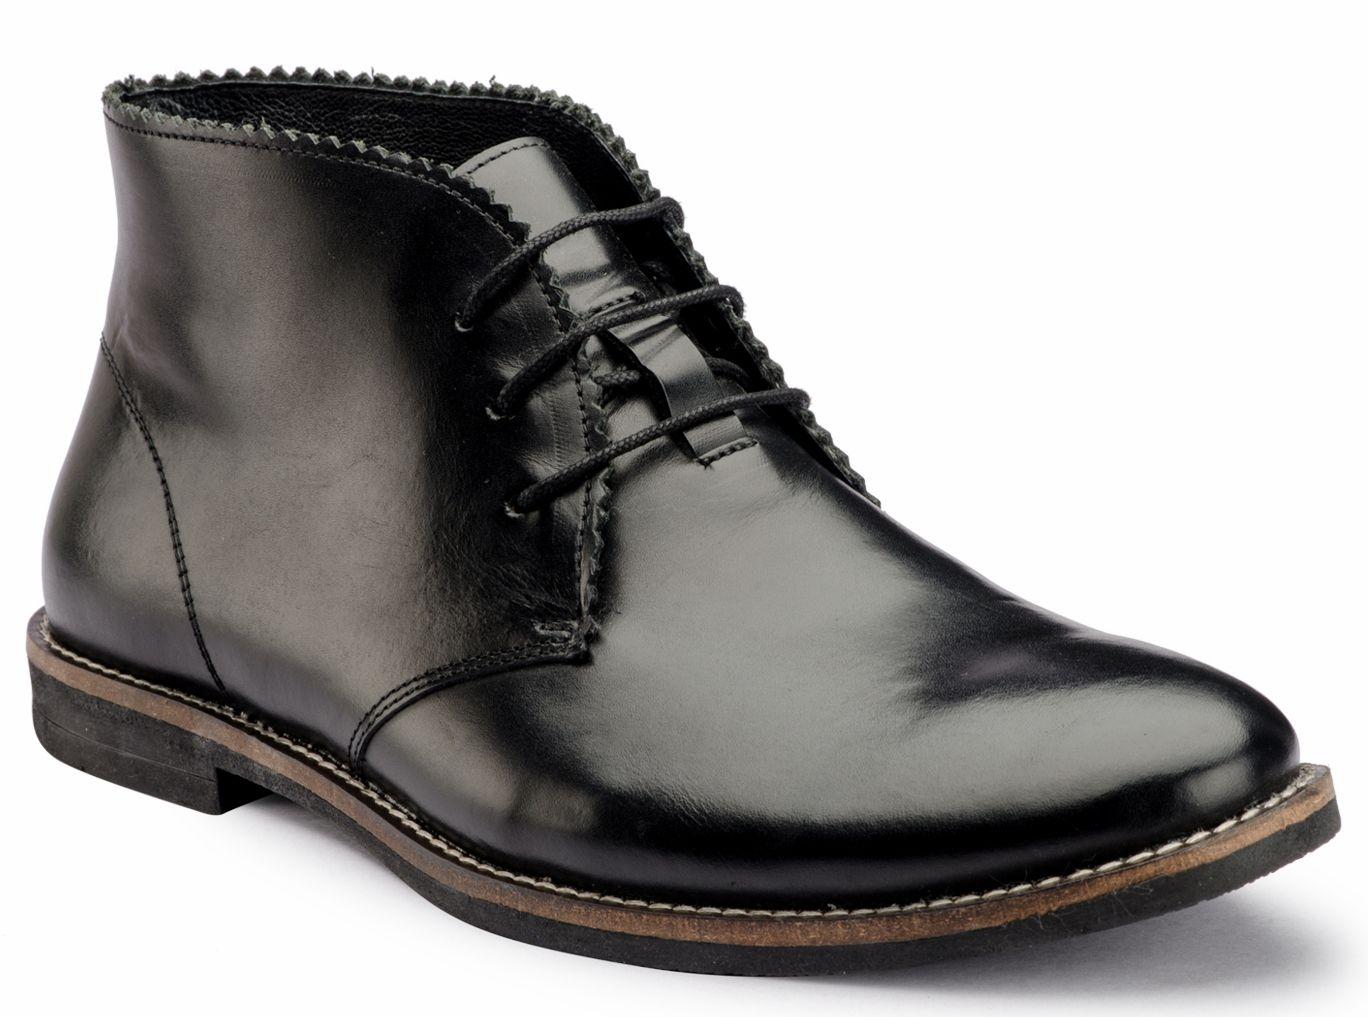 De Scalzo Black Chukka boot